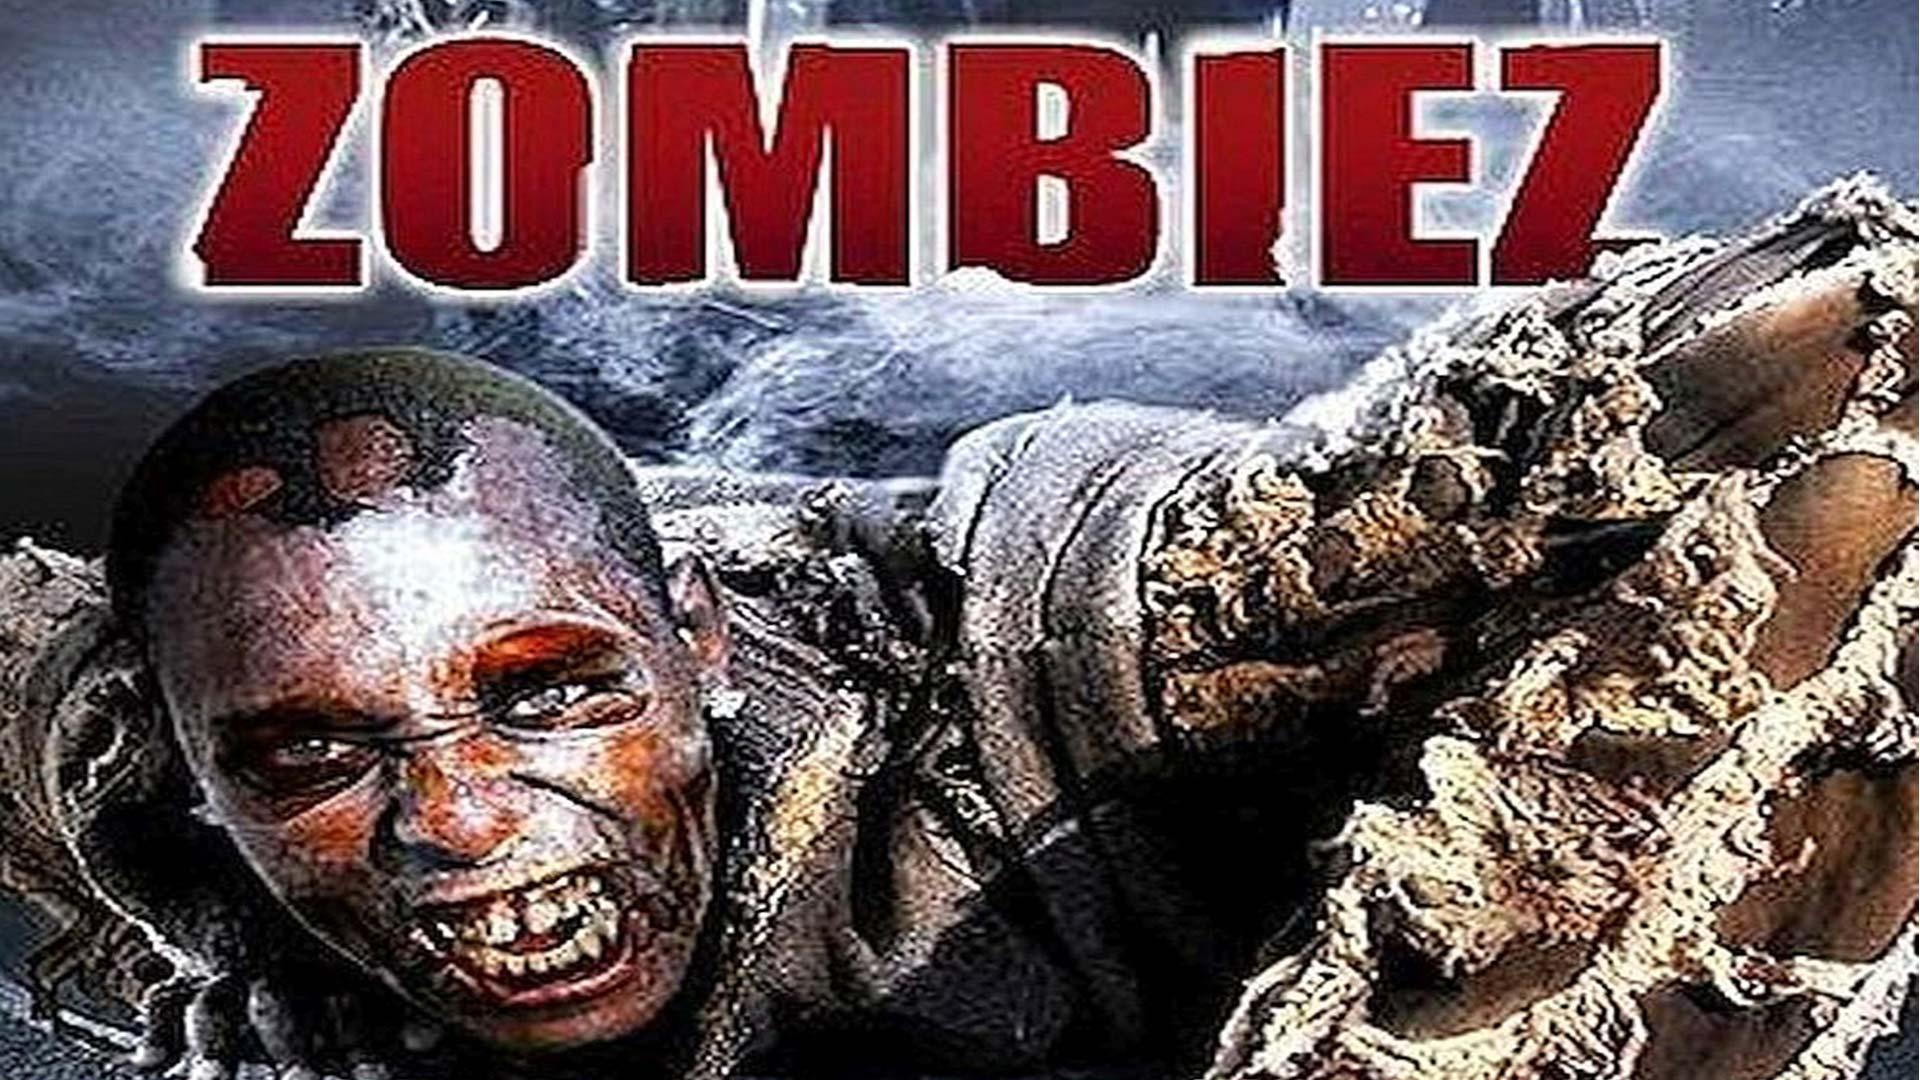 Zombiez